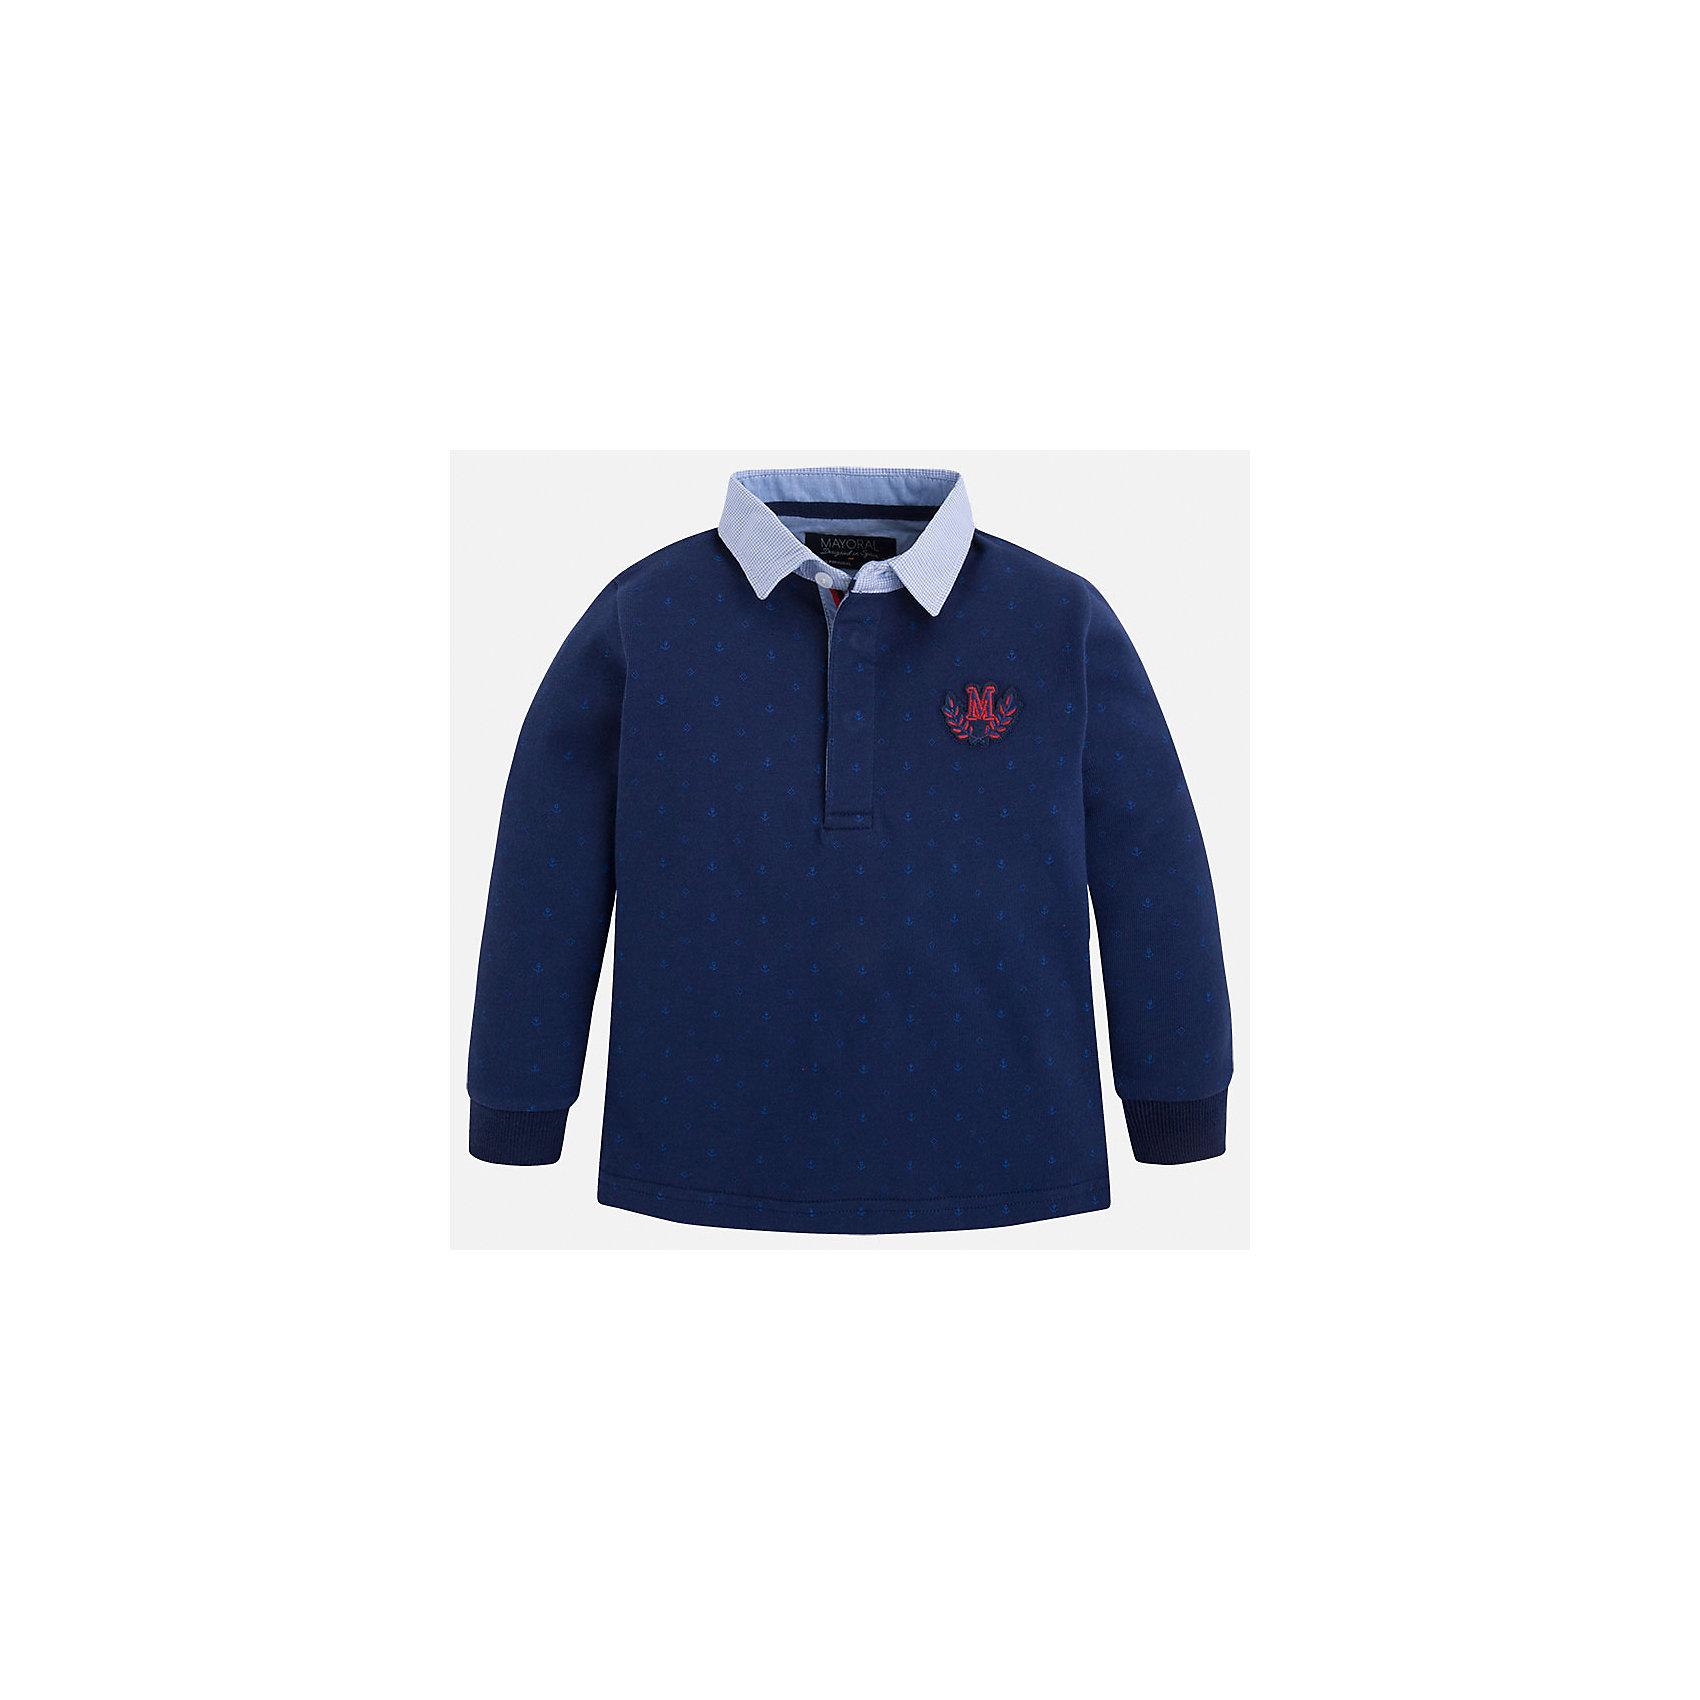 Рубашка-поло для мальчика MayoralРубашка-поло для мальчика Mayoral (Майорал) – это стильная, модная и практичная модель.<br>Элегантная рубашка-поло с длинными рукавами от известной испанской марки Mayoral (Майорал) выполненная из натурального хлопка, станет прекрасным дополнением гардероба вашего мальчика. Рубашка с воротником контрастного цвета декорирована логотипом производителя. Ворот застегивается на пуговицы, застежка скрыта. Комфортный прямой крой гарантирует свободу движений.<br><br>Дополнительная информация:<br><br>- Цвет: синий, голубой<br>- Состав: 100% хлопок<br>- Уход: бережная стирка при 30 градусах<br><br>Рубашку-поло для мальчика Mayoral (Майорал) можно купить в нашем интернет-магазине.<br><br>Ширина мм: 174<br>Глубина мм: 10<br>Высота мм: 169<br>Вес г: 157<br>Цвет: синий<br>Возраст от месяцев: 96<br>Возраст до месяцев: 108<br>Пол: Мужской<br>Возраст: Детский<br>Размер: 128,104,98,110,116,122,134<br>SKU: 4820929